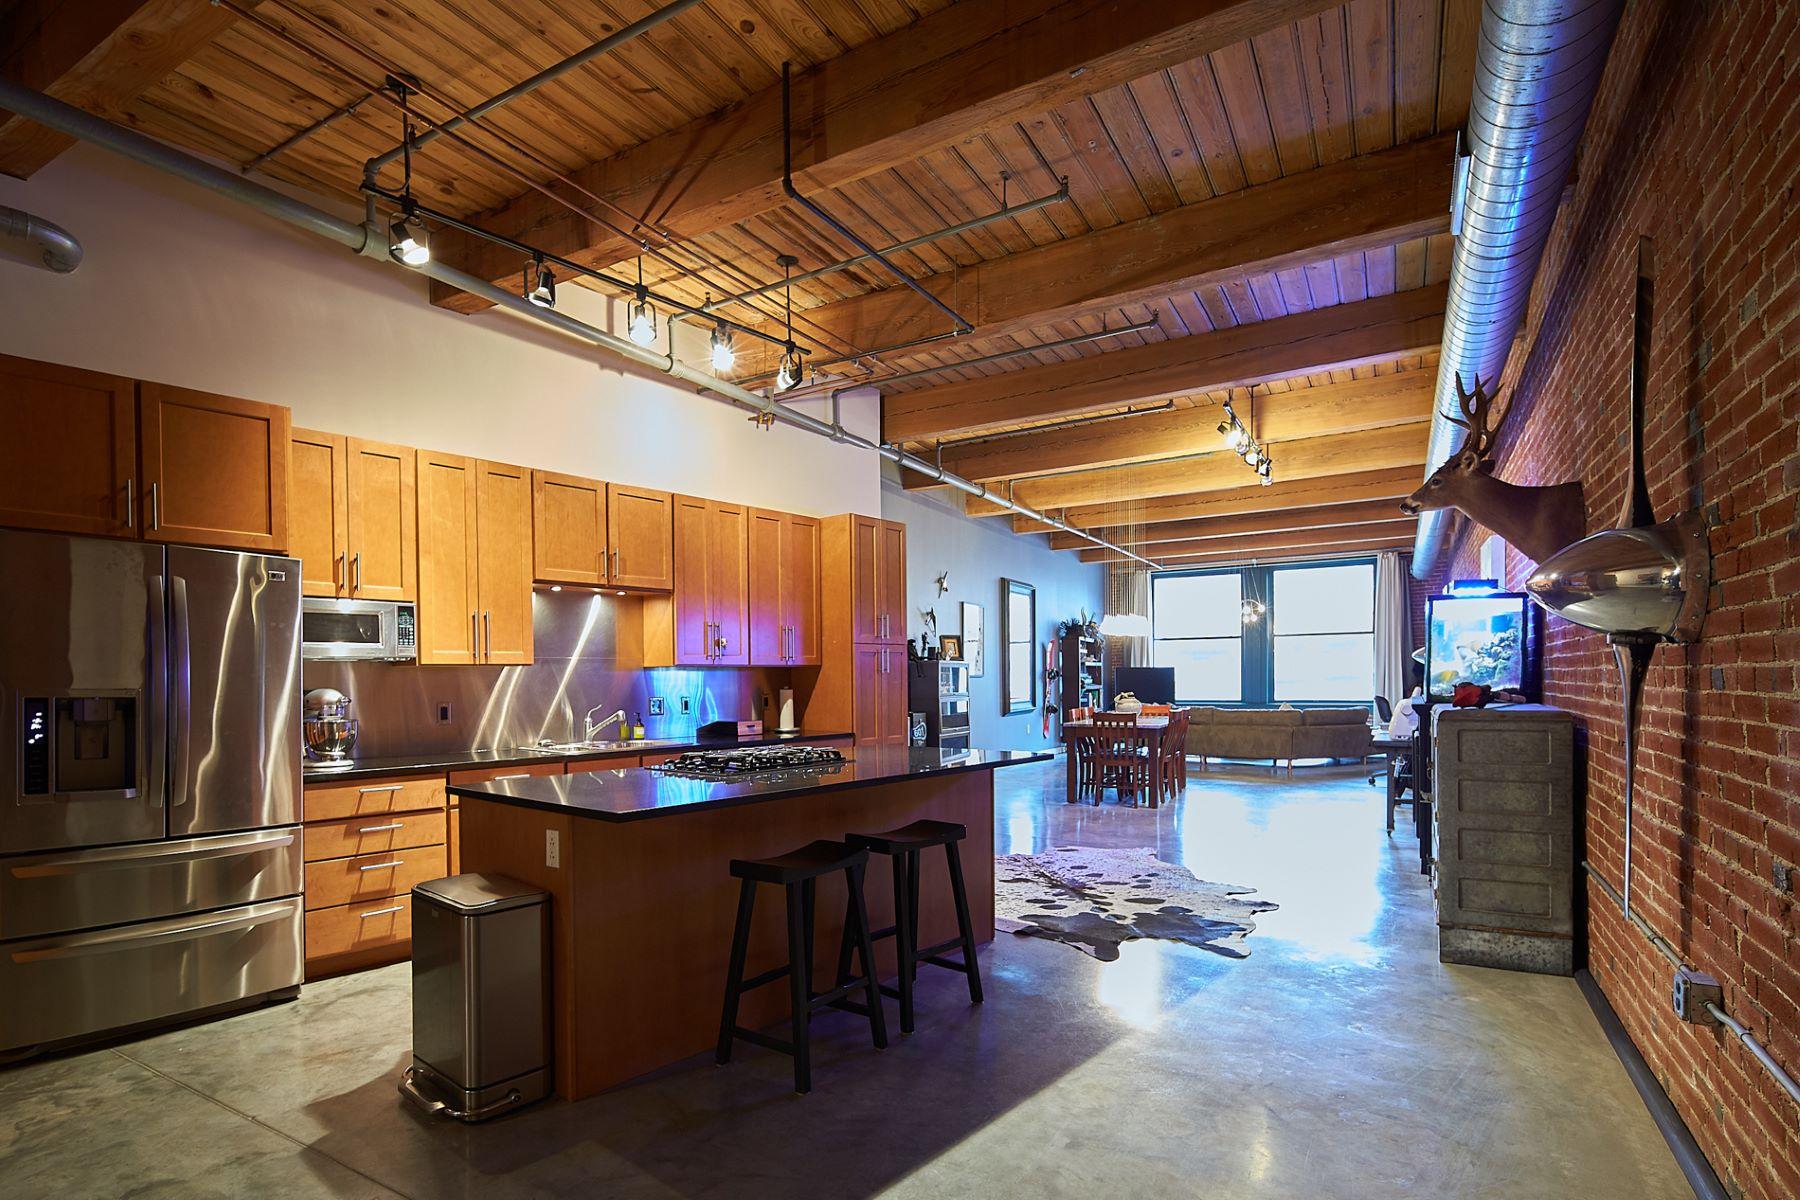 Additional photo for property listing at 901 Washington Ave #601 901 Washington Avenue #601 St. Louis, Missouri 63101 United States